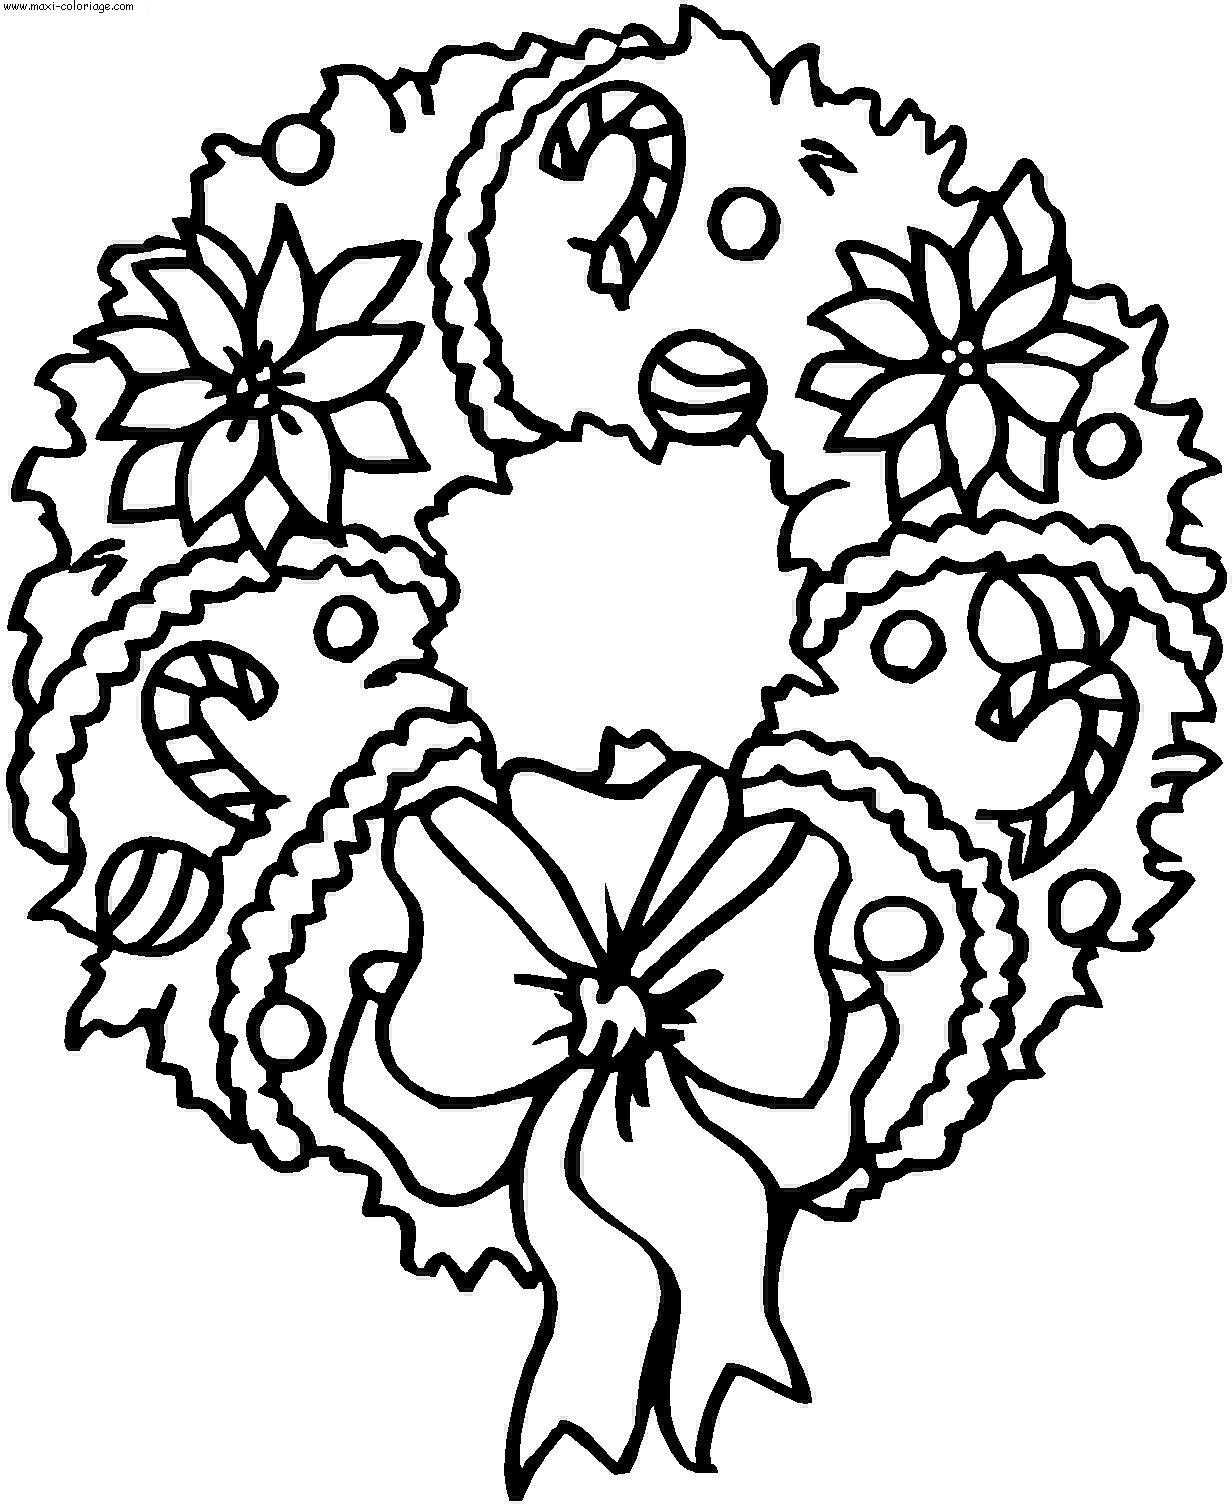 Noël #67 (Fêtes Et Occasions Spéciales) – Coloriages À Imprimer avec Dessin A Colorier De Noel Gratuit A Imprimer